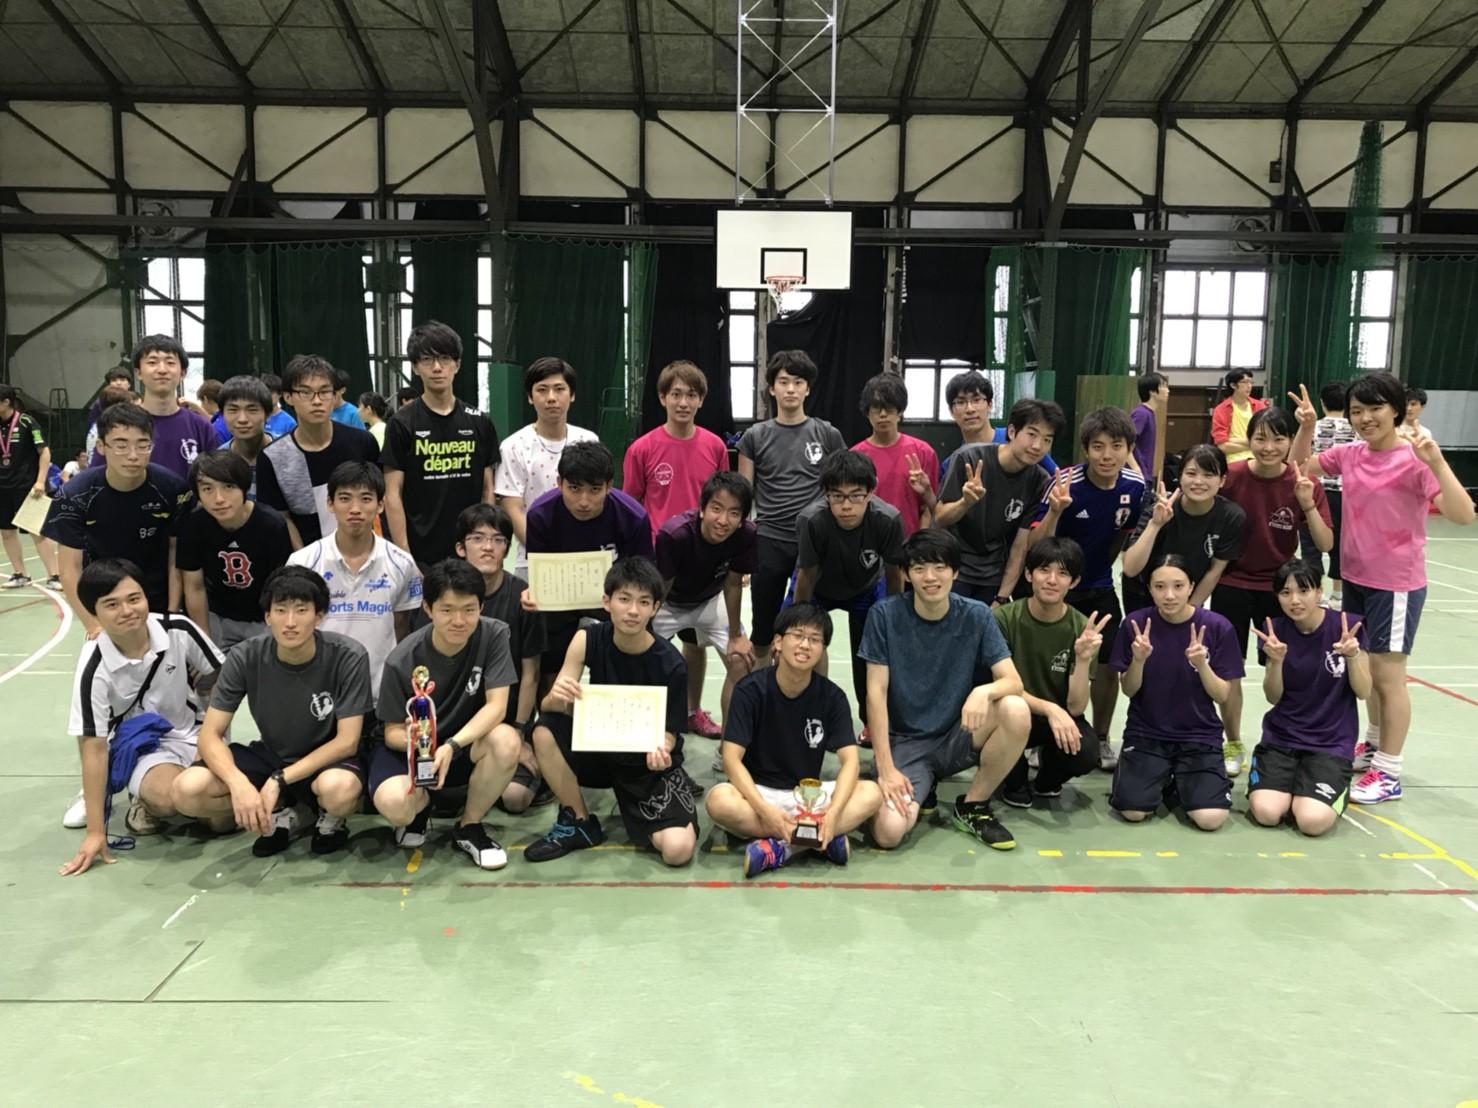 東京大学運動会フェンシング部